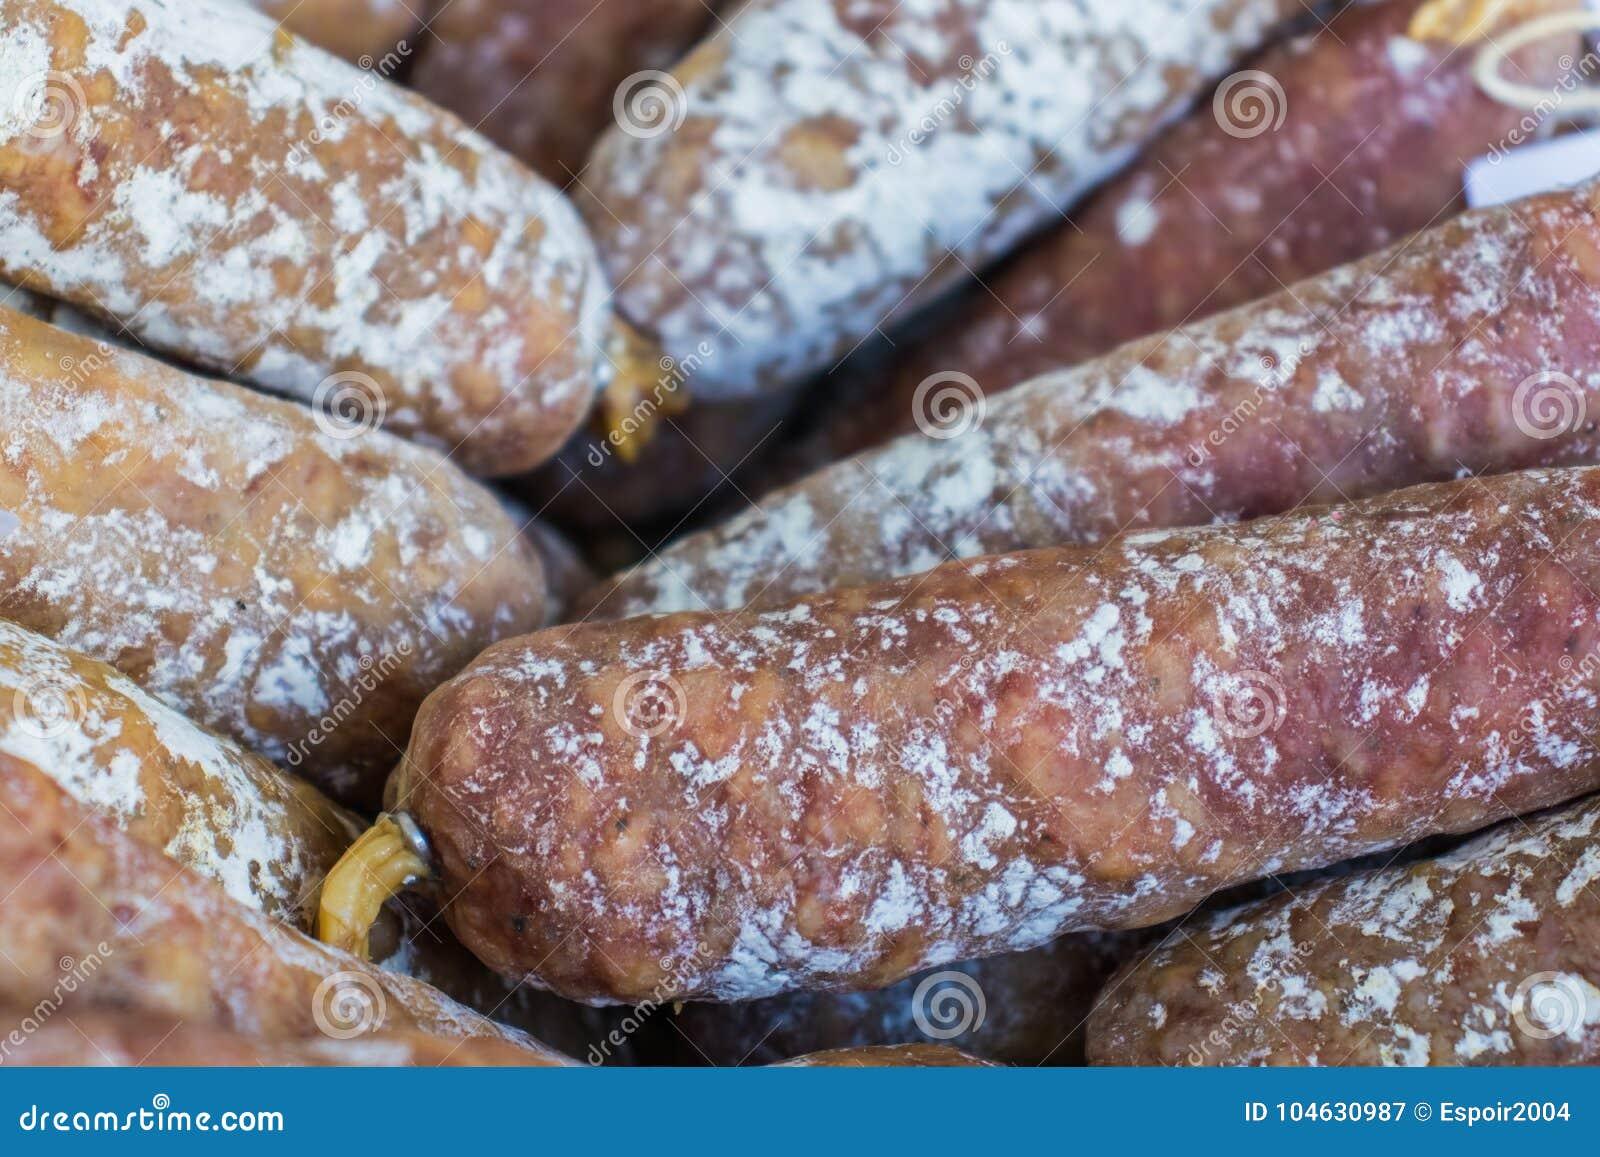 Download Worsten Van Droog Varkensvleesvlees In Een Mand Stock Afbeelding - Afbeelding bestaande uit snack, vlees: 104630987